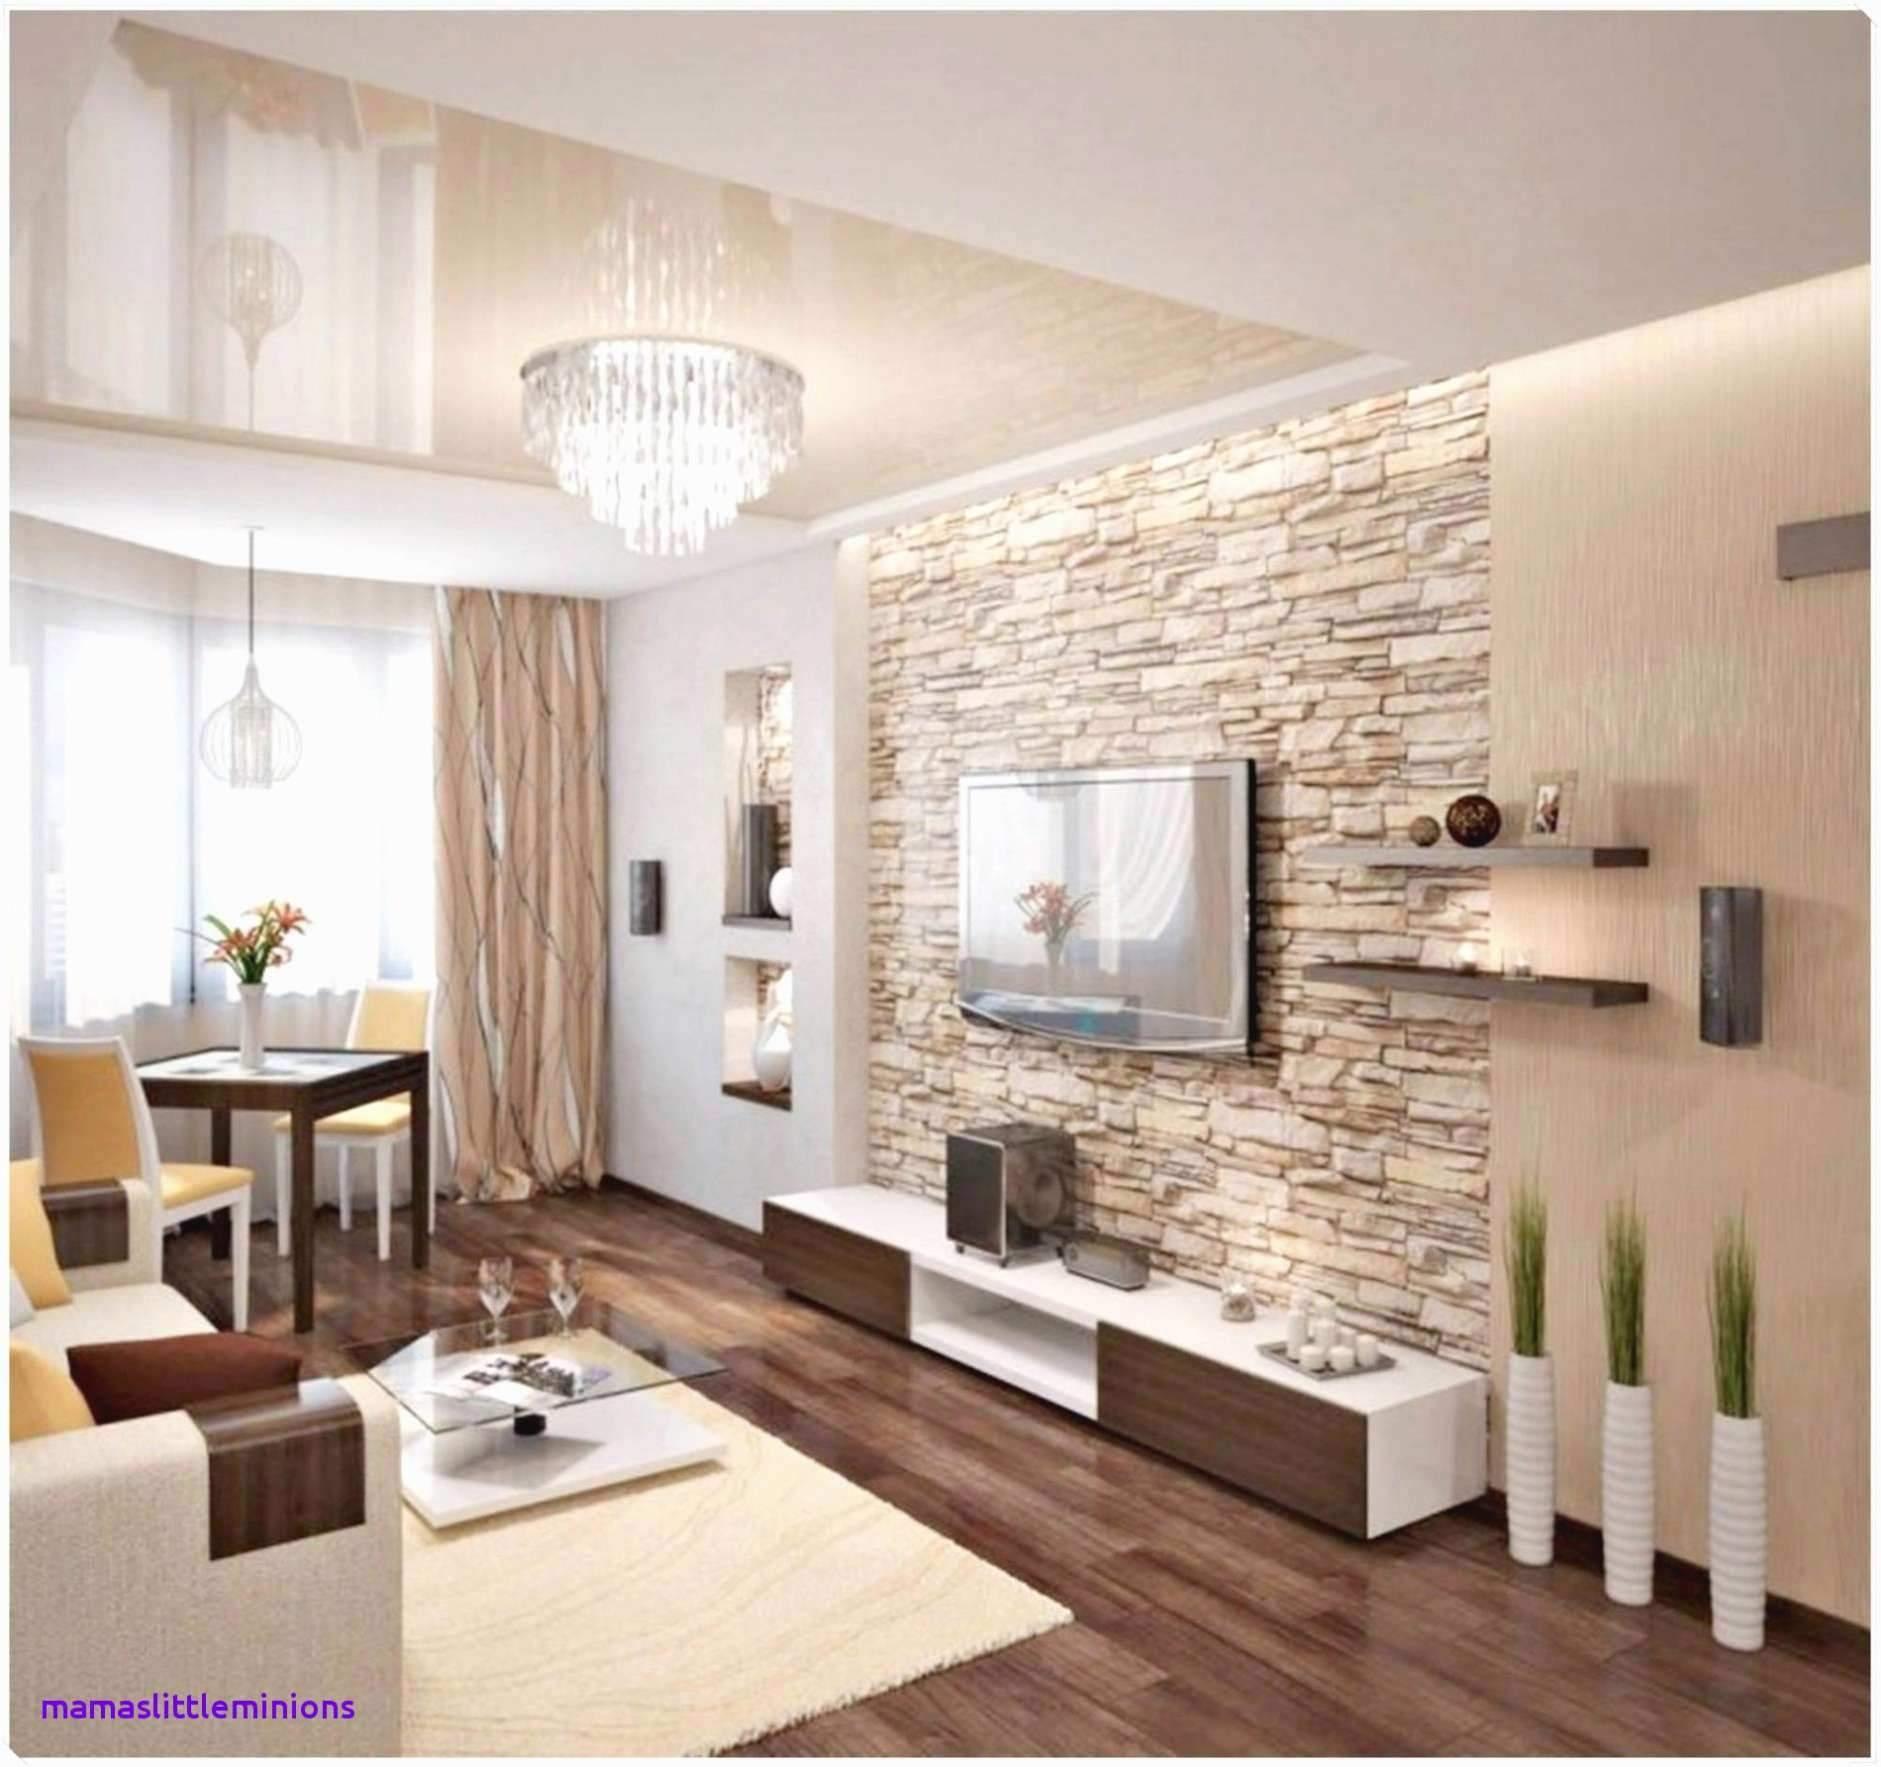 deko ideen selbermachen wohnzimmer luxus 50 einzigartig von wohnzimmer deko selber machen meinung of deko ideen selbermachen wohnzimmer